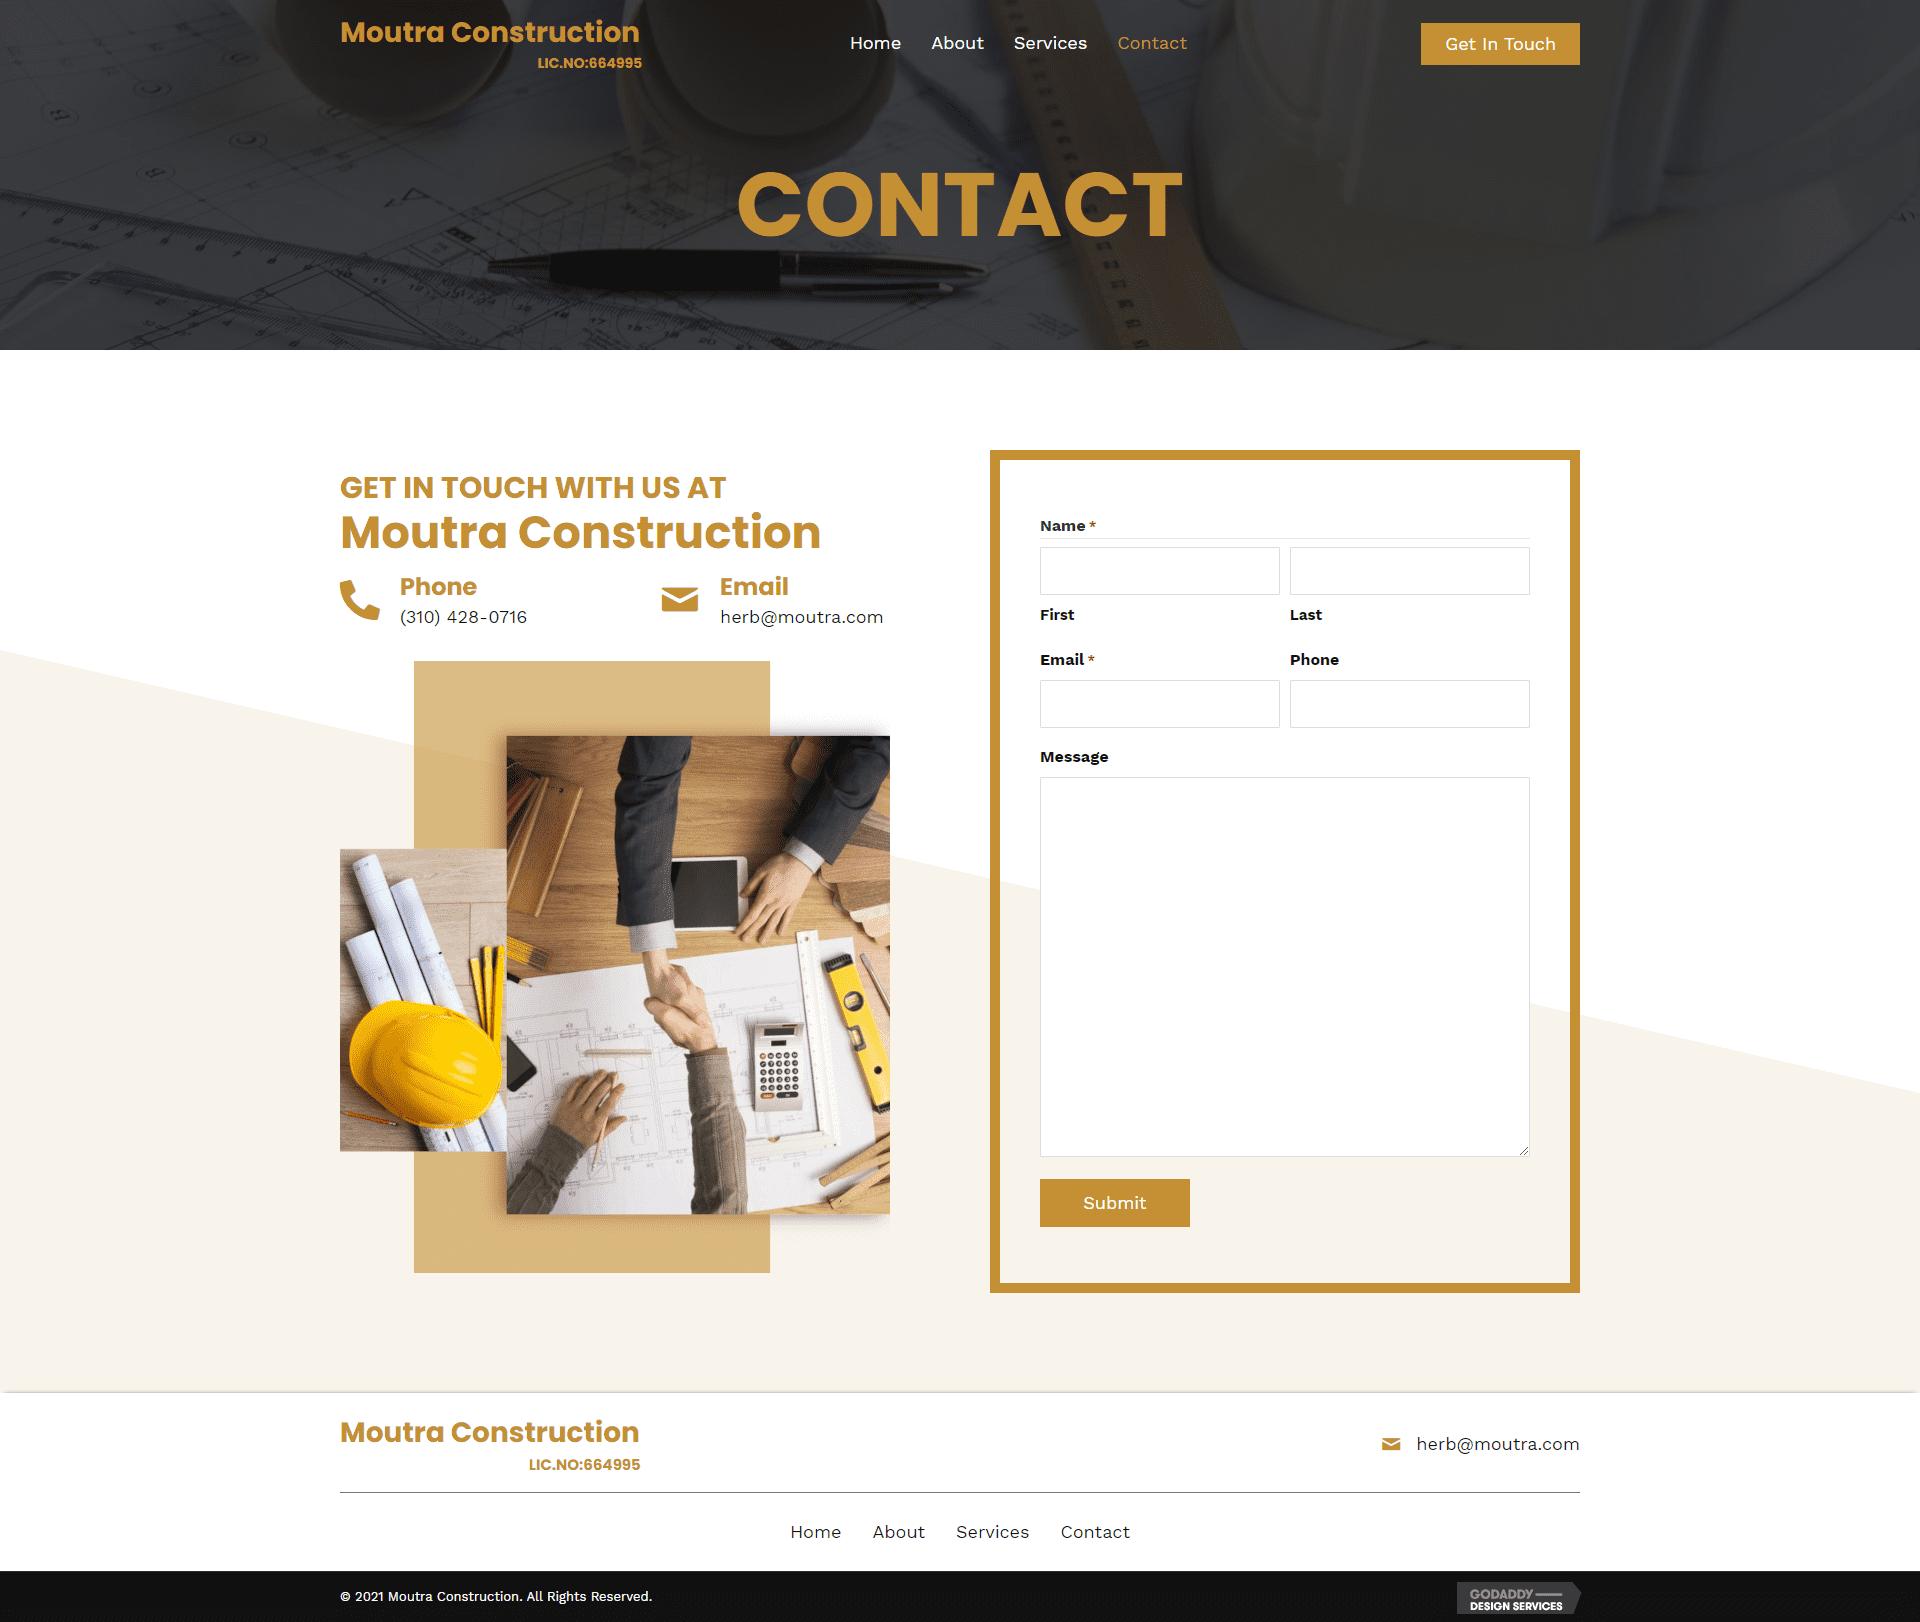 Moutra Construction Contact